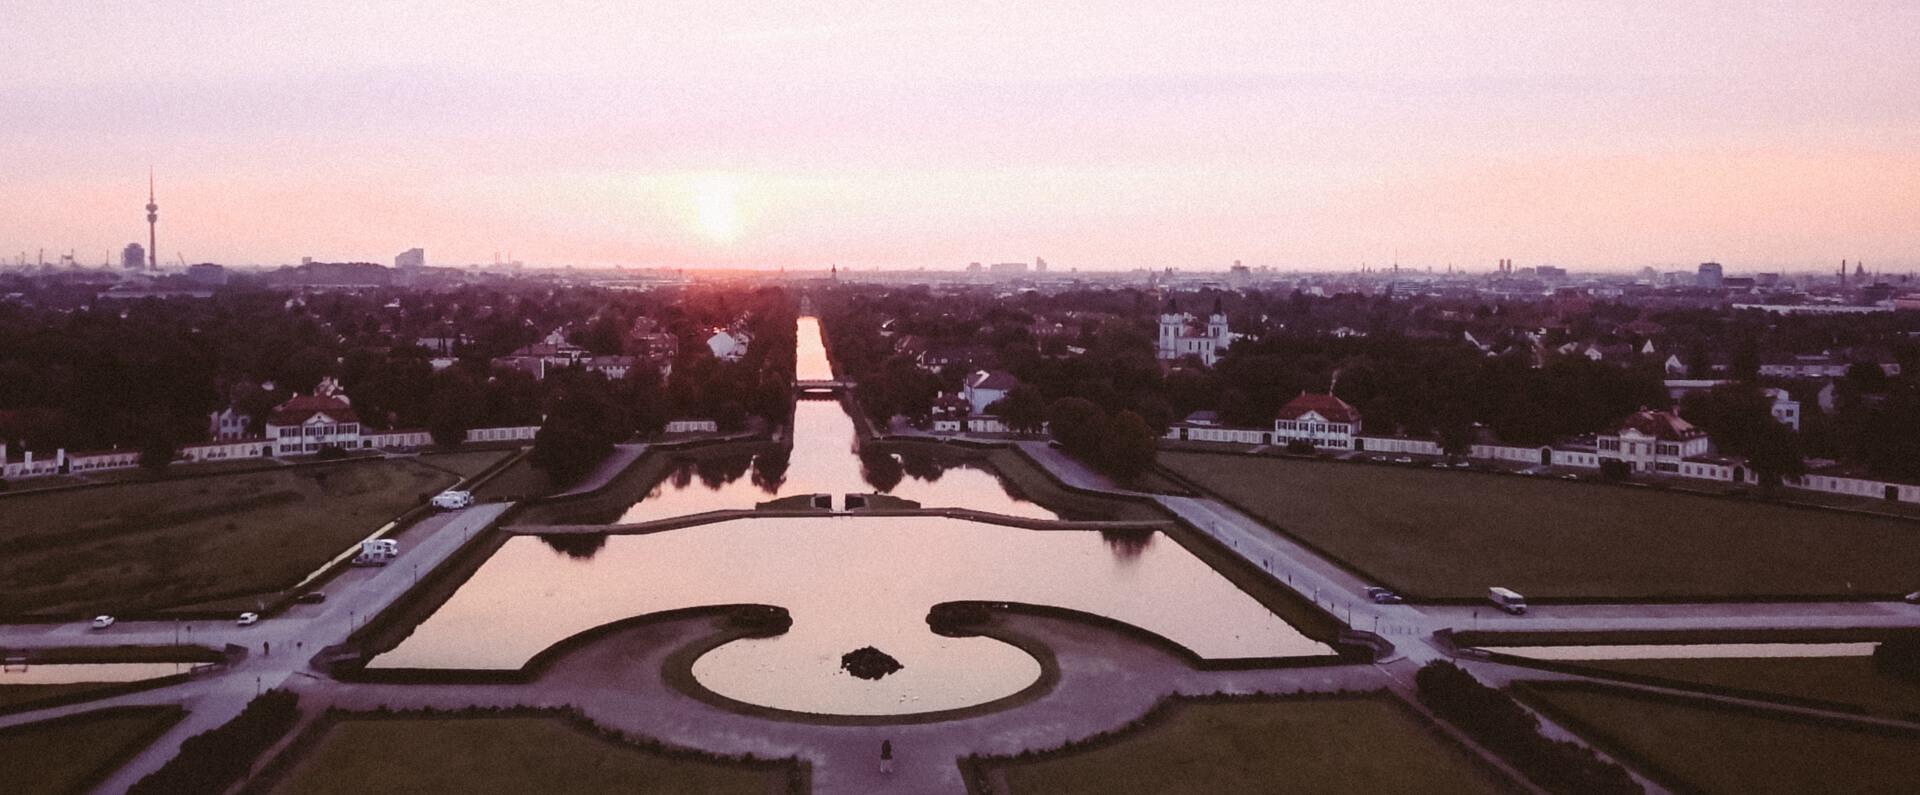 170917 Nymphenburg 21 4